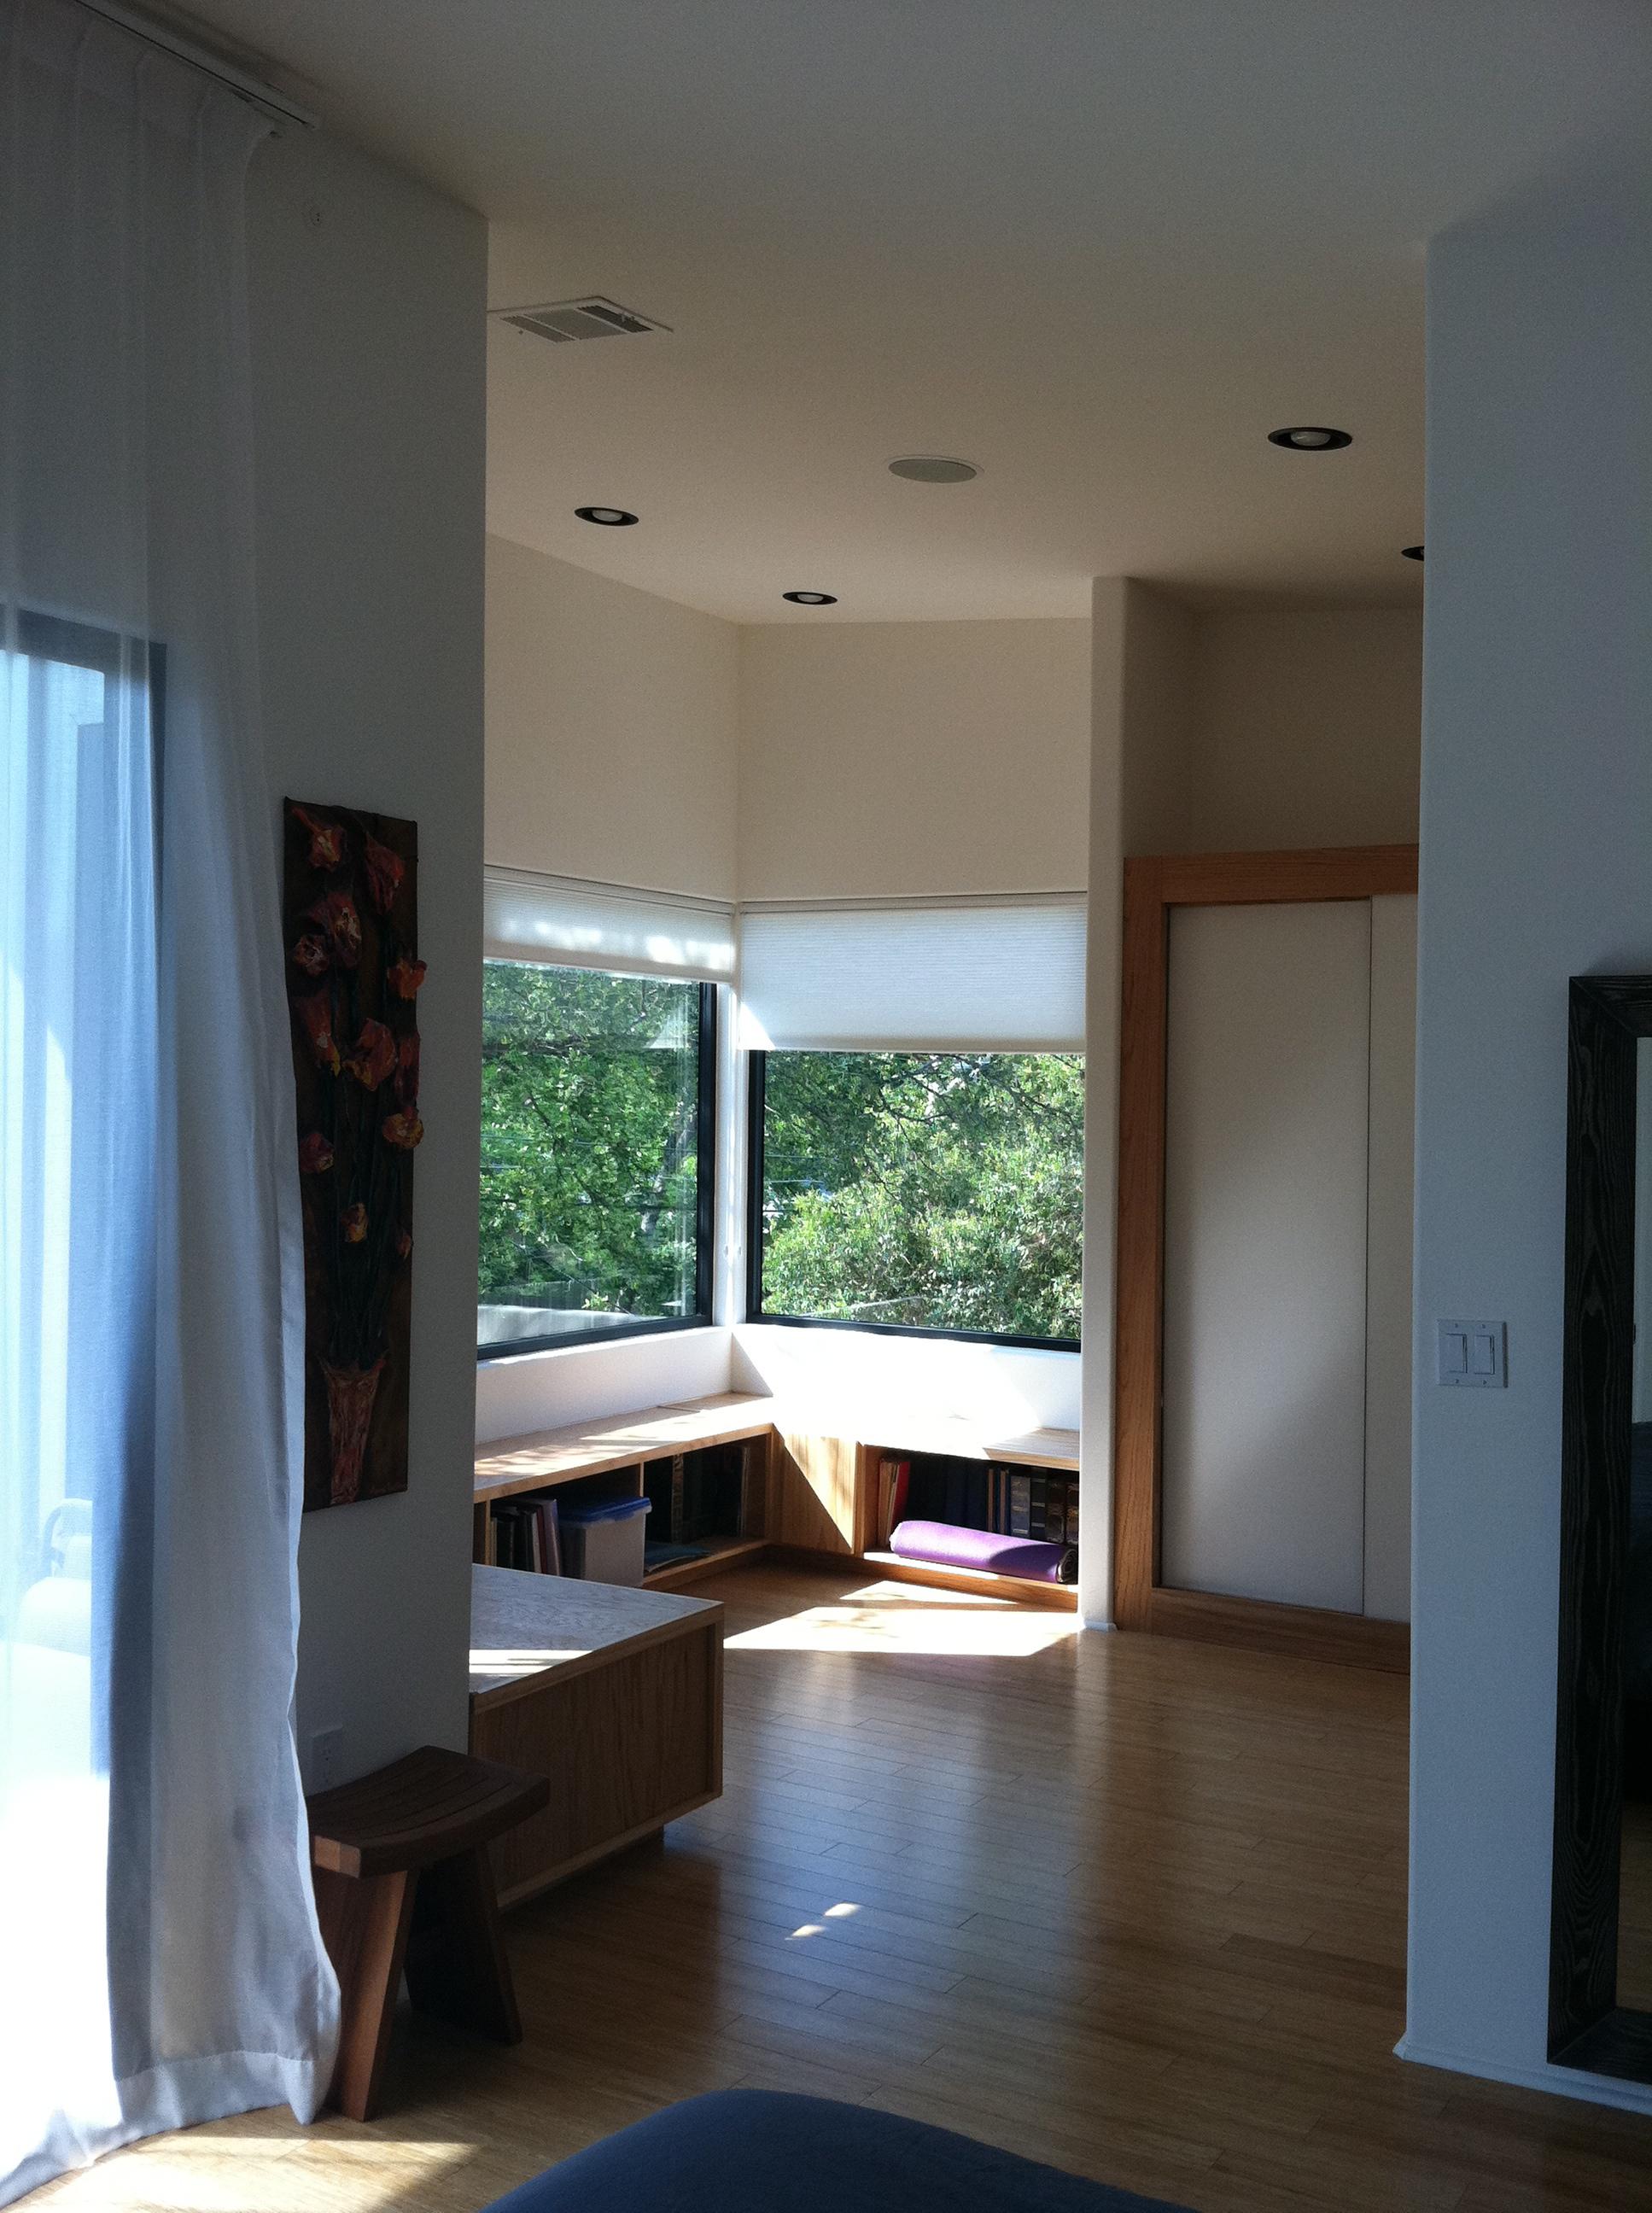 09 Interior after 03.JPG